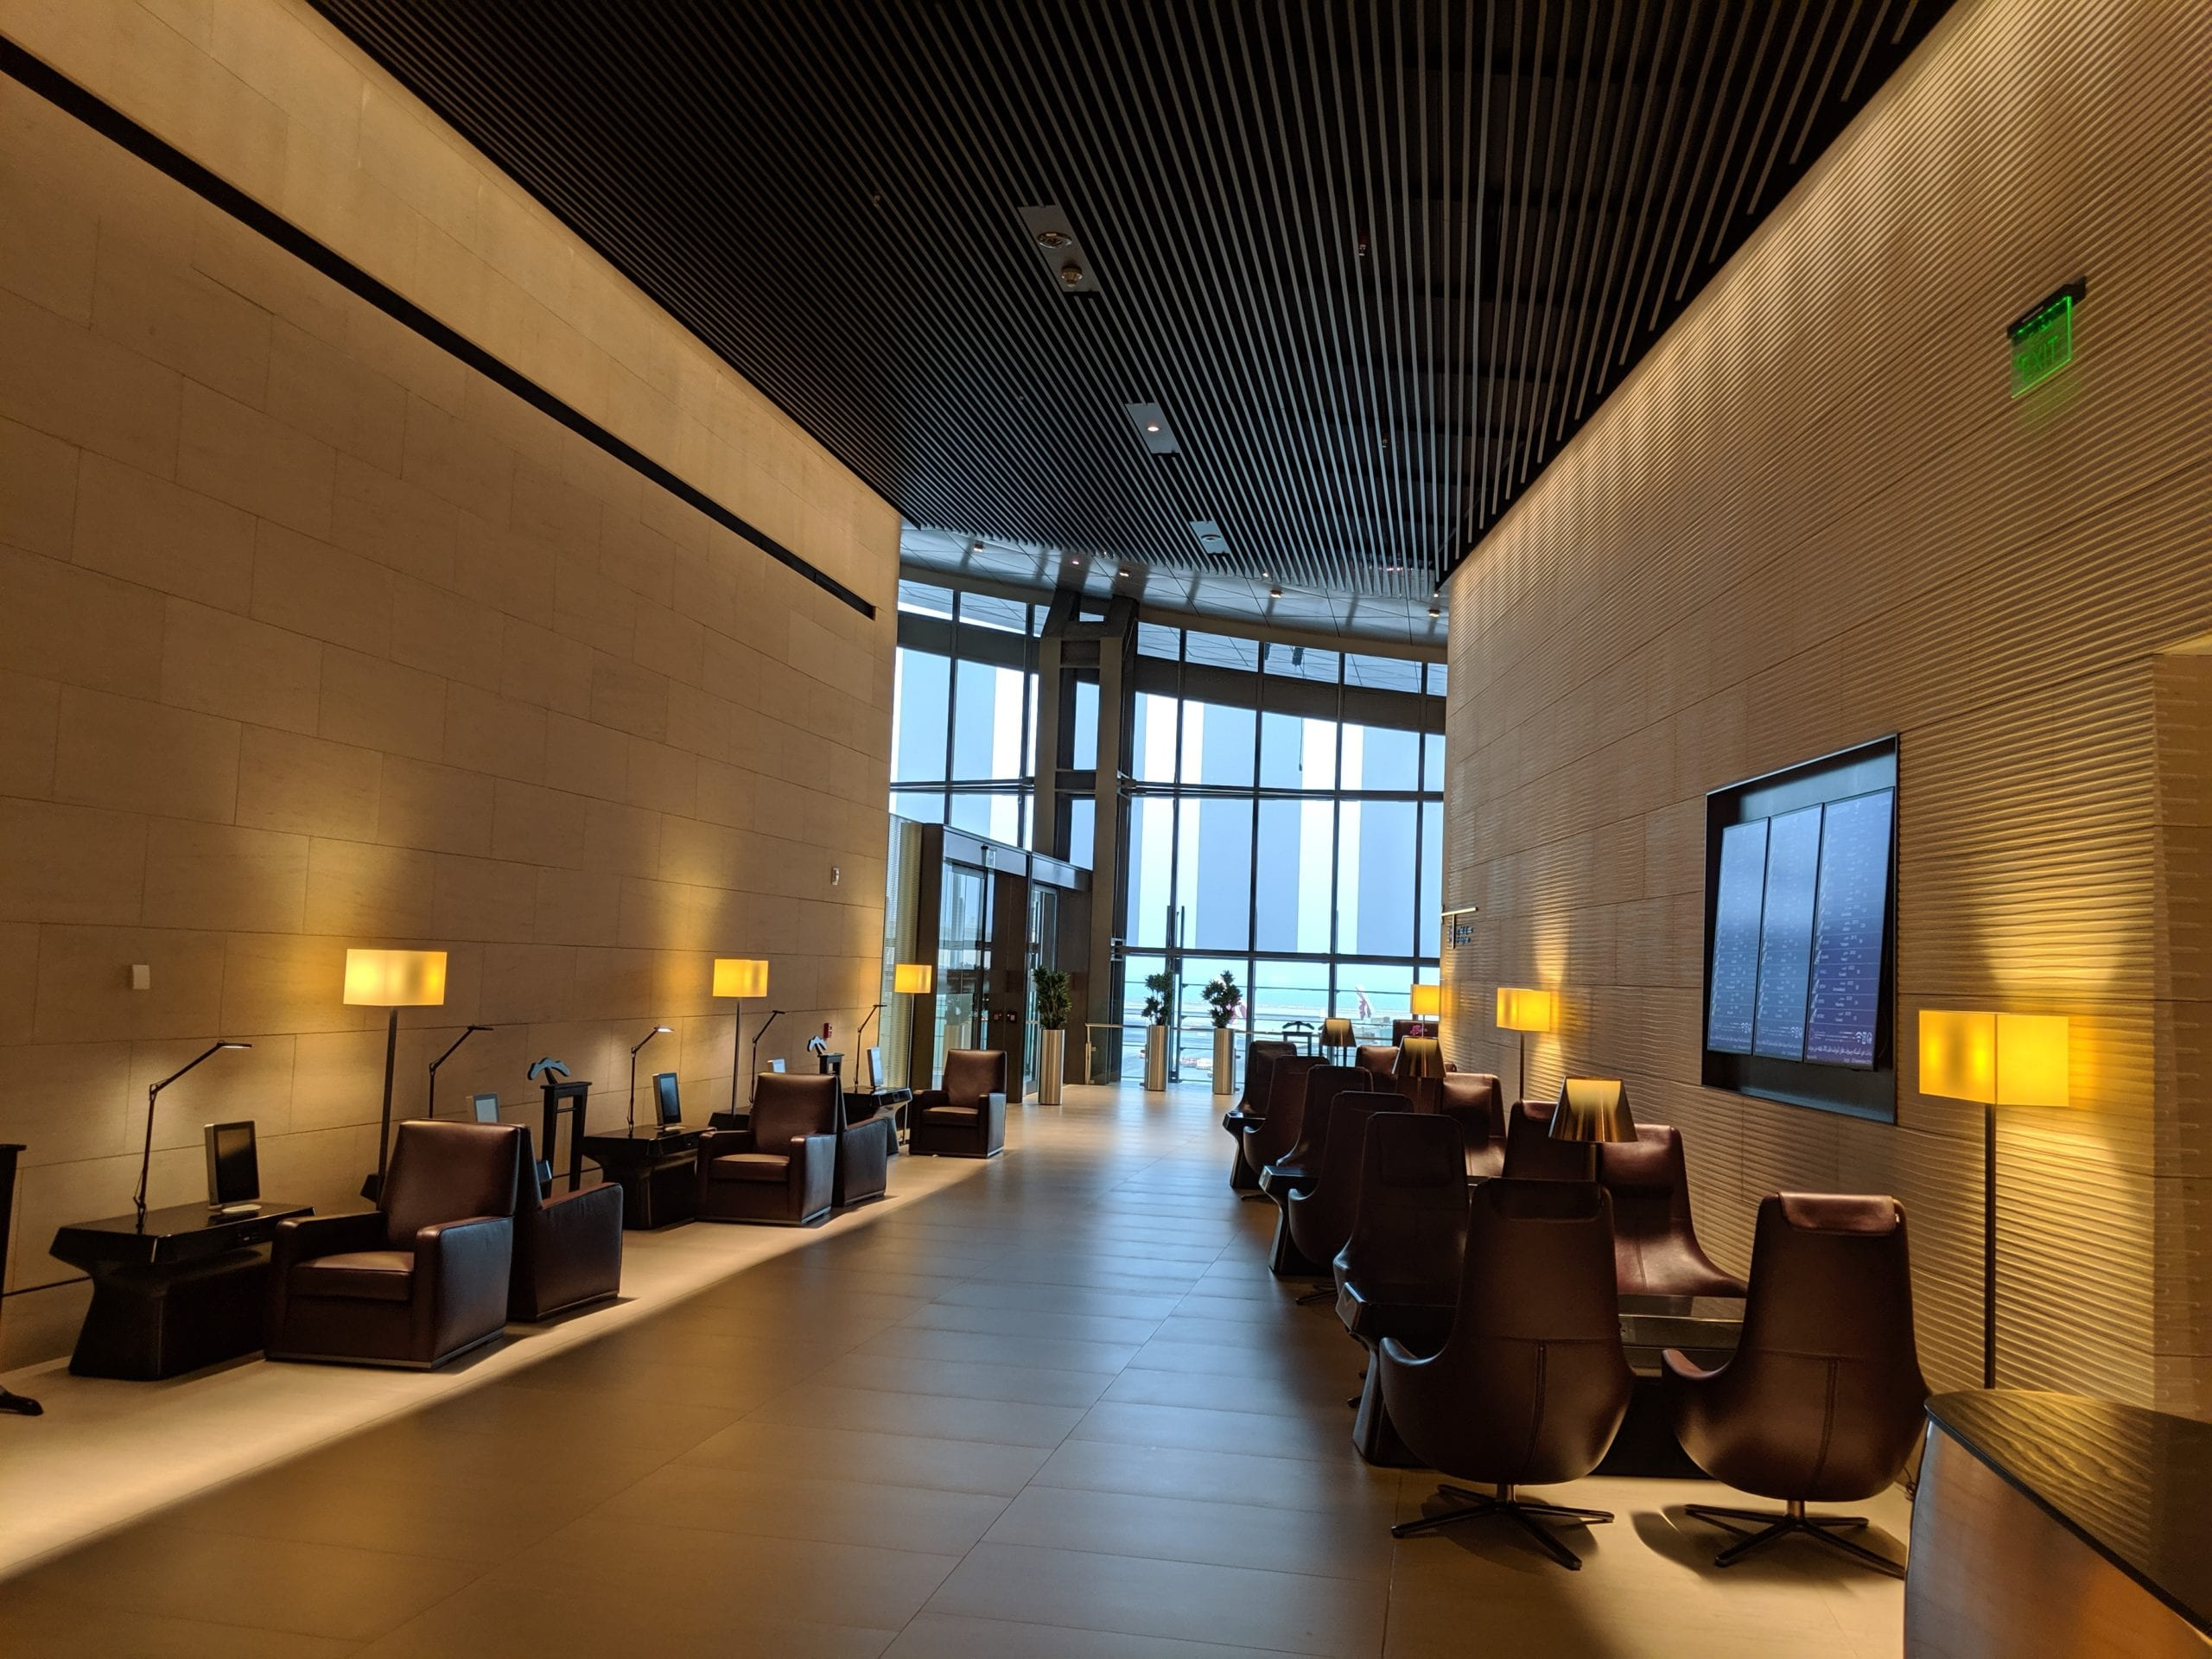 qatar airways al safwa seating